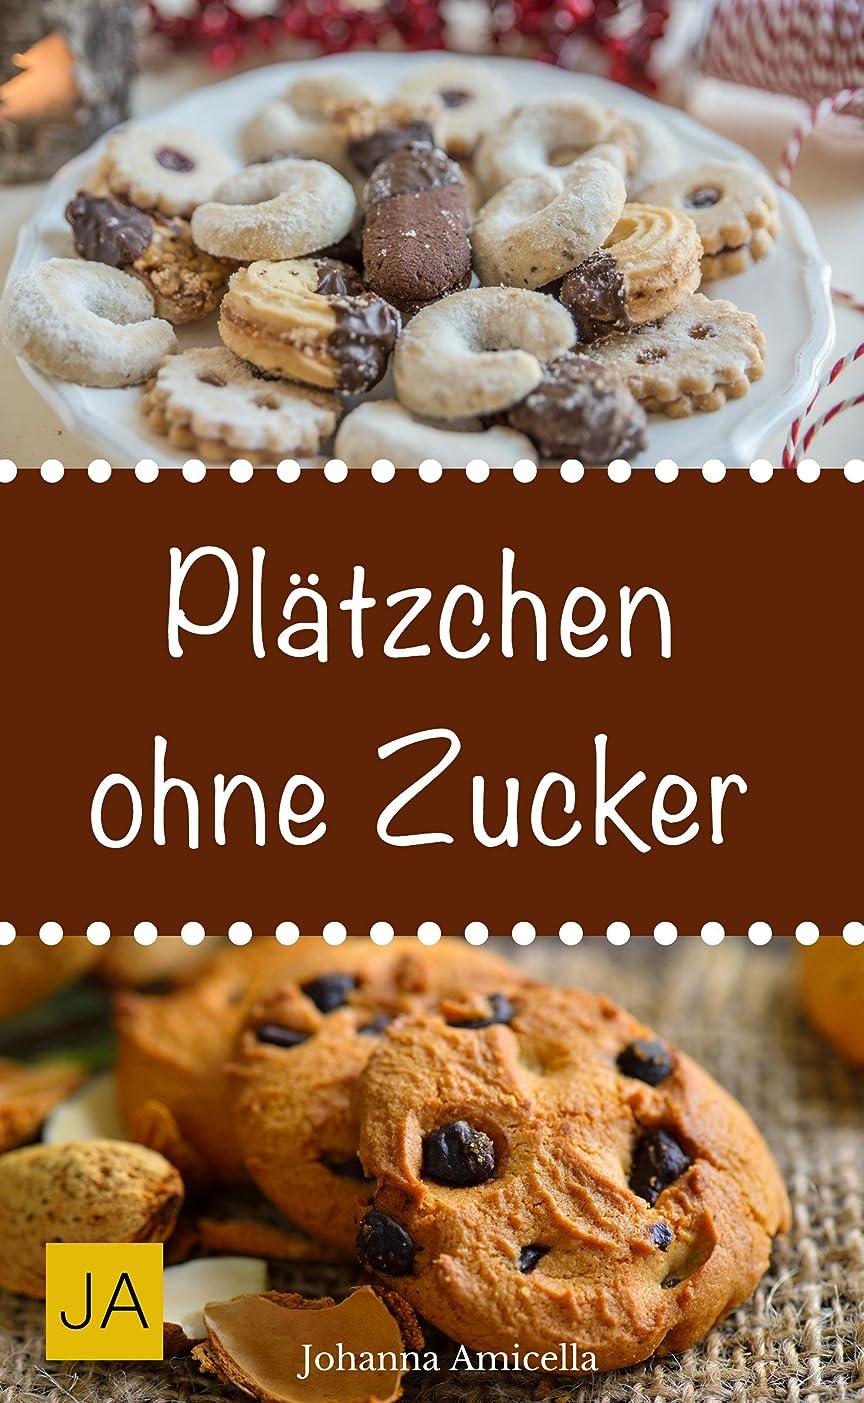 Pl?tzchen ohne Zucker - Einfache und leckere Rezepte für zuckerfreie Pl?tzchen (German Edition)